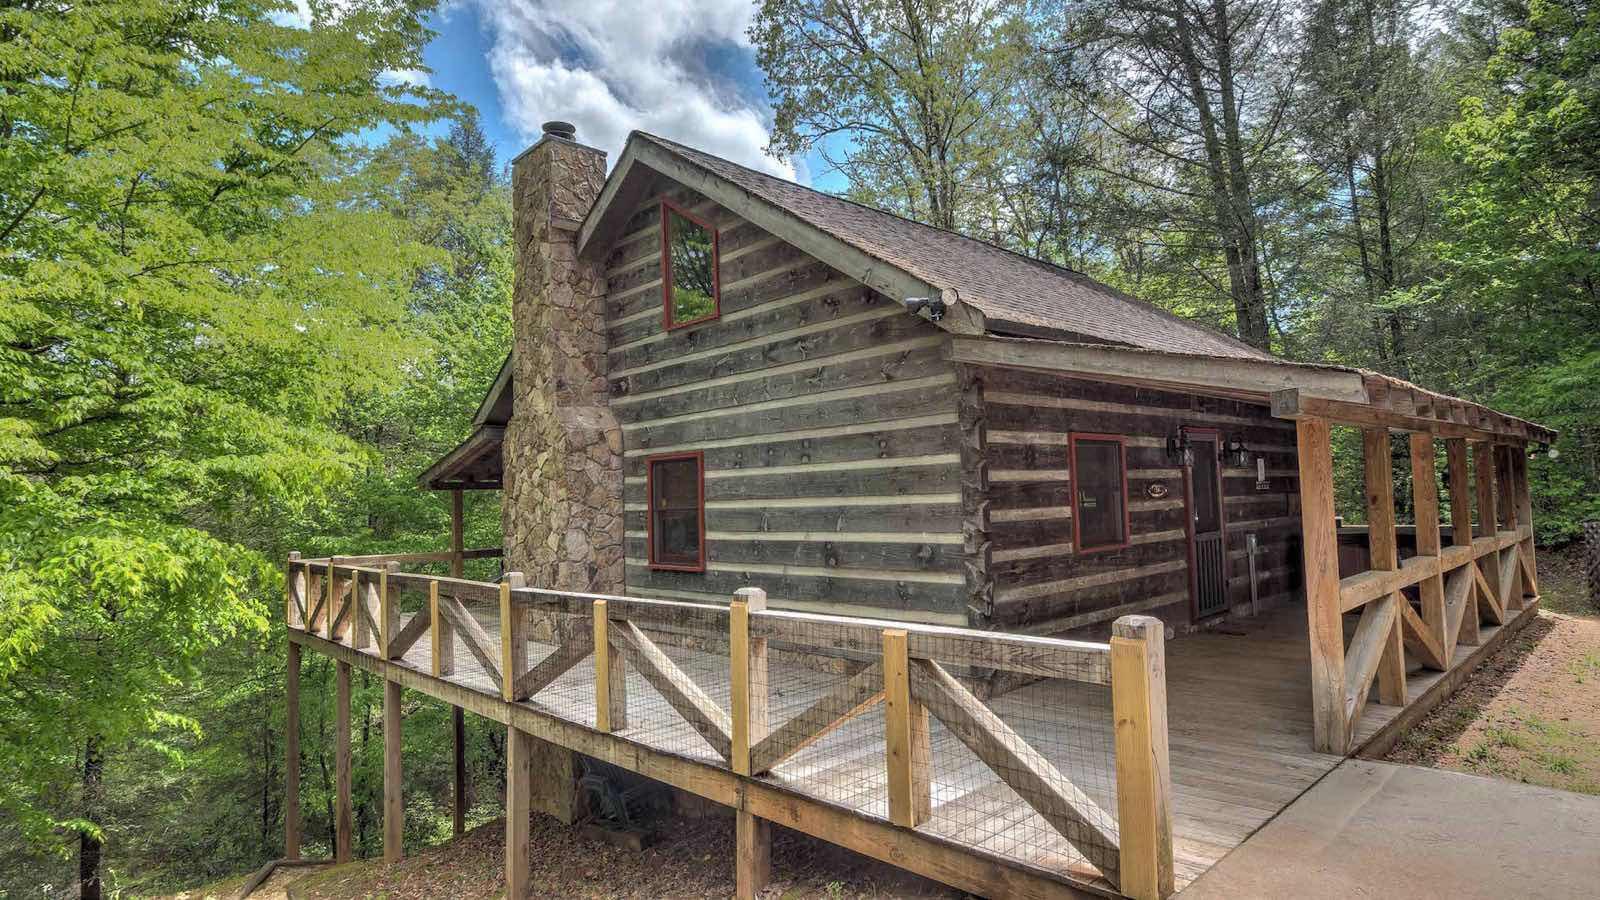 Cozy creek cabin rental cabin blue ridge ga for Cozy cabins rentals